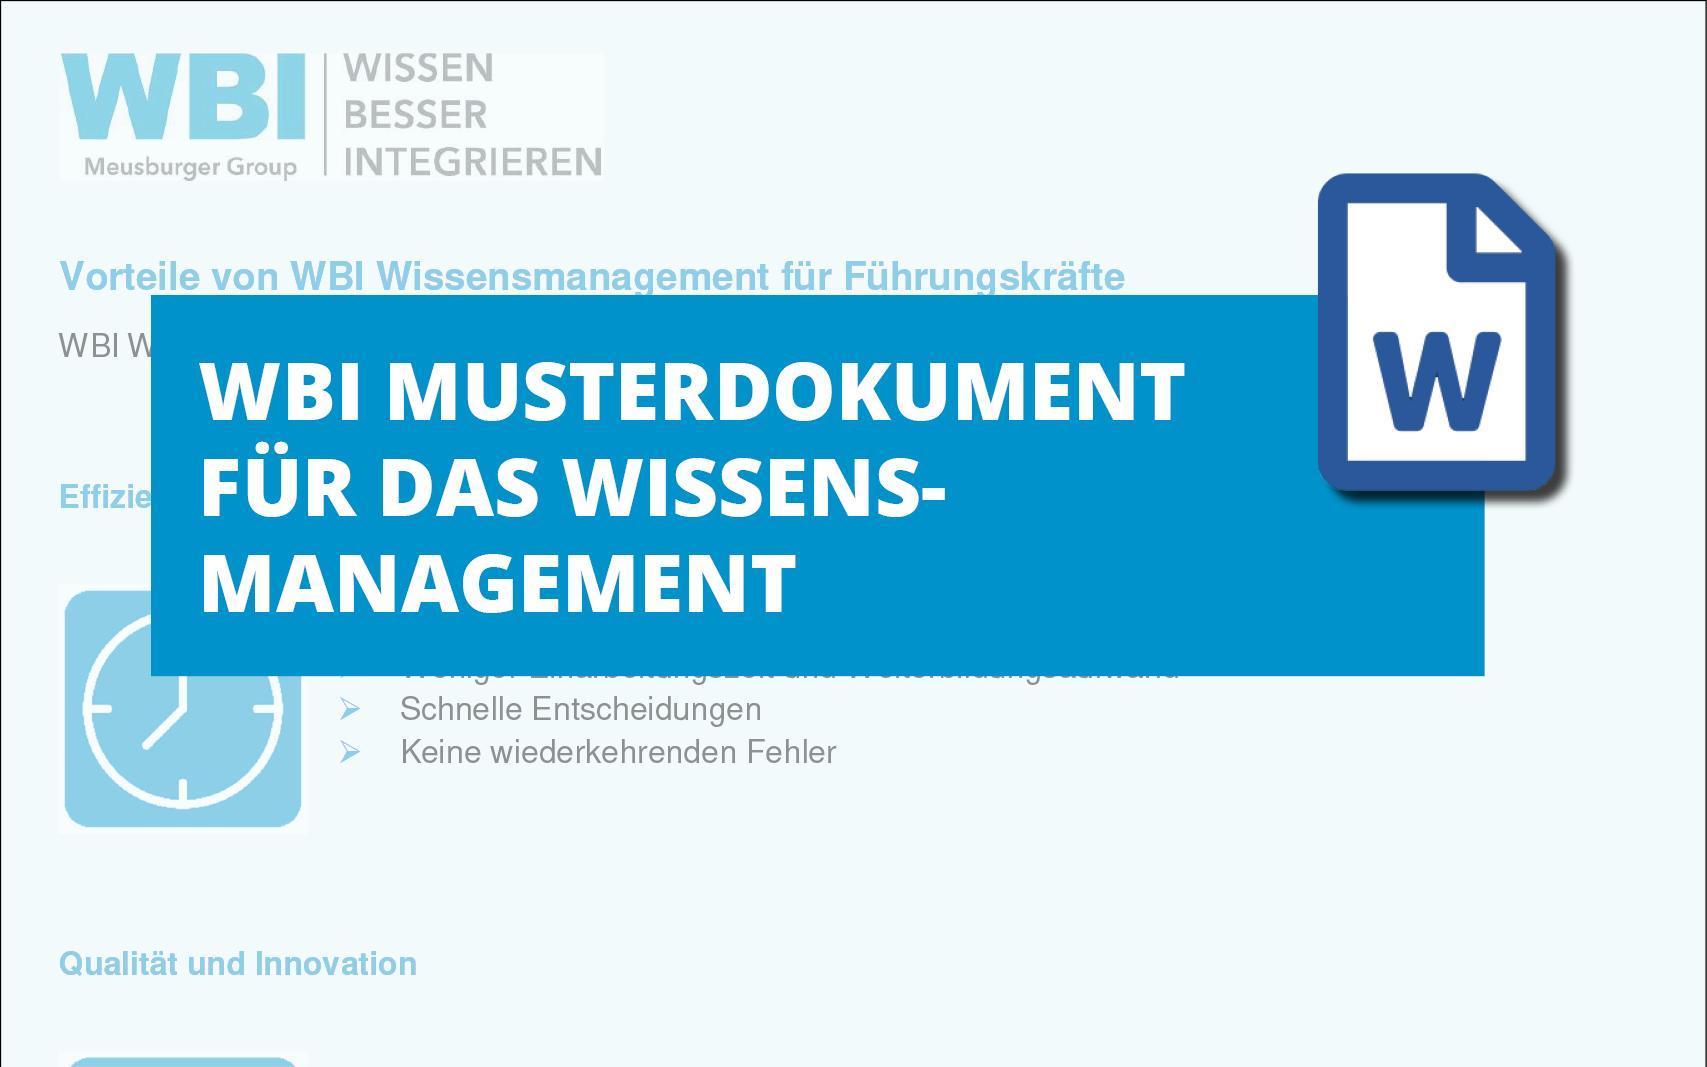 wbi-handout-vorteile-von-wbi-wissensmanagement-fuer-fuehrungskraefte